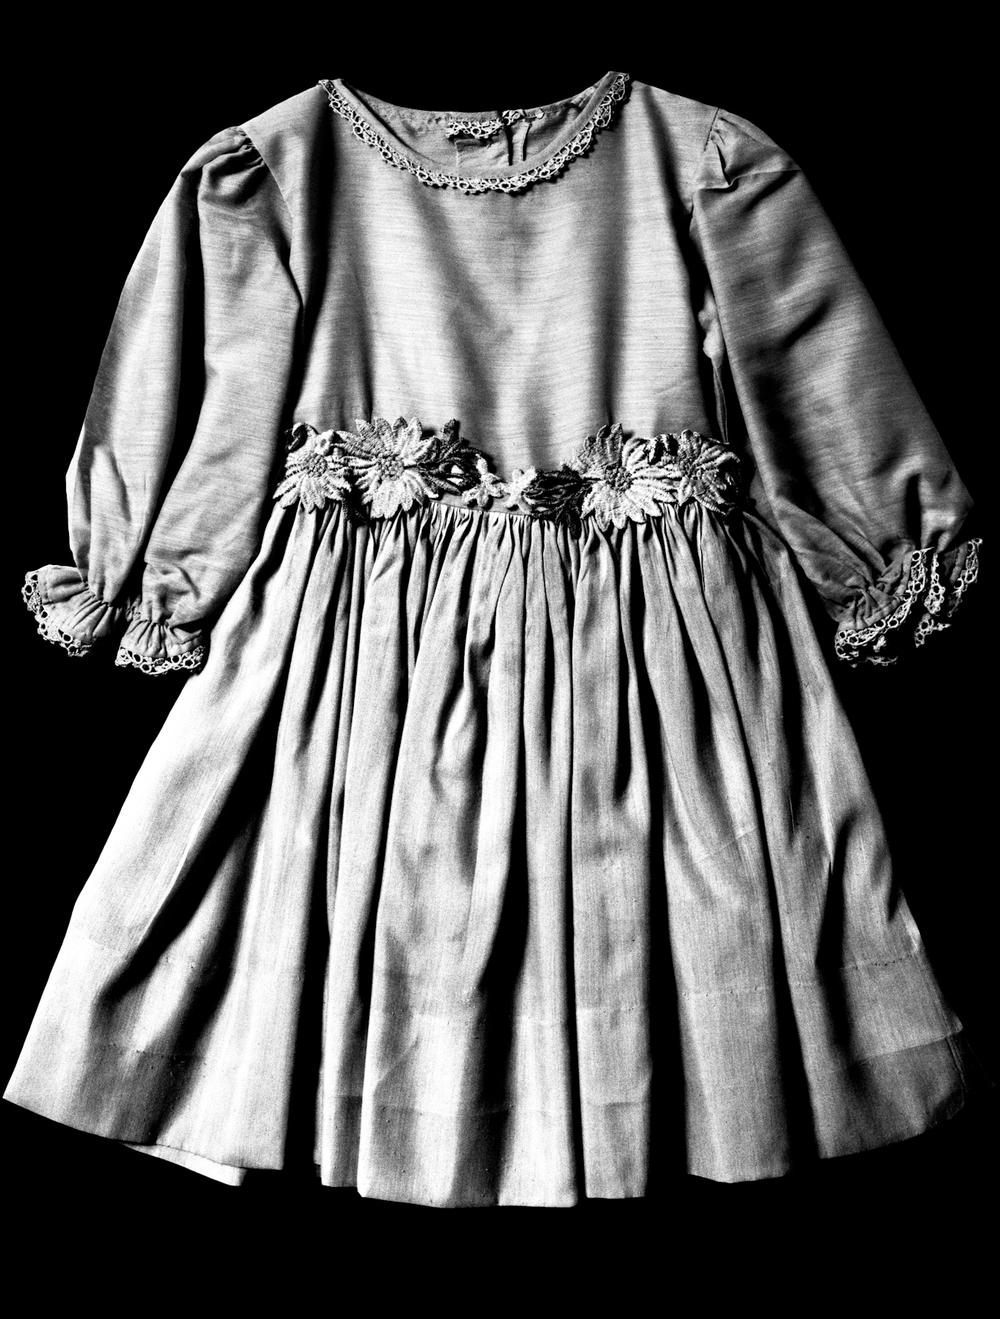 Denise McNair's Dress | McNair's personal home museum, Birmingham AL | 2010.